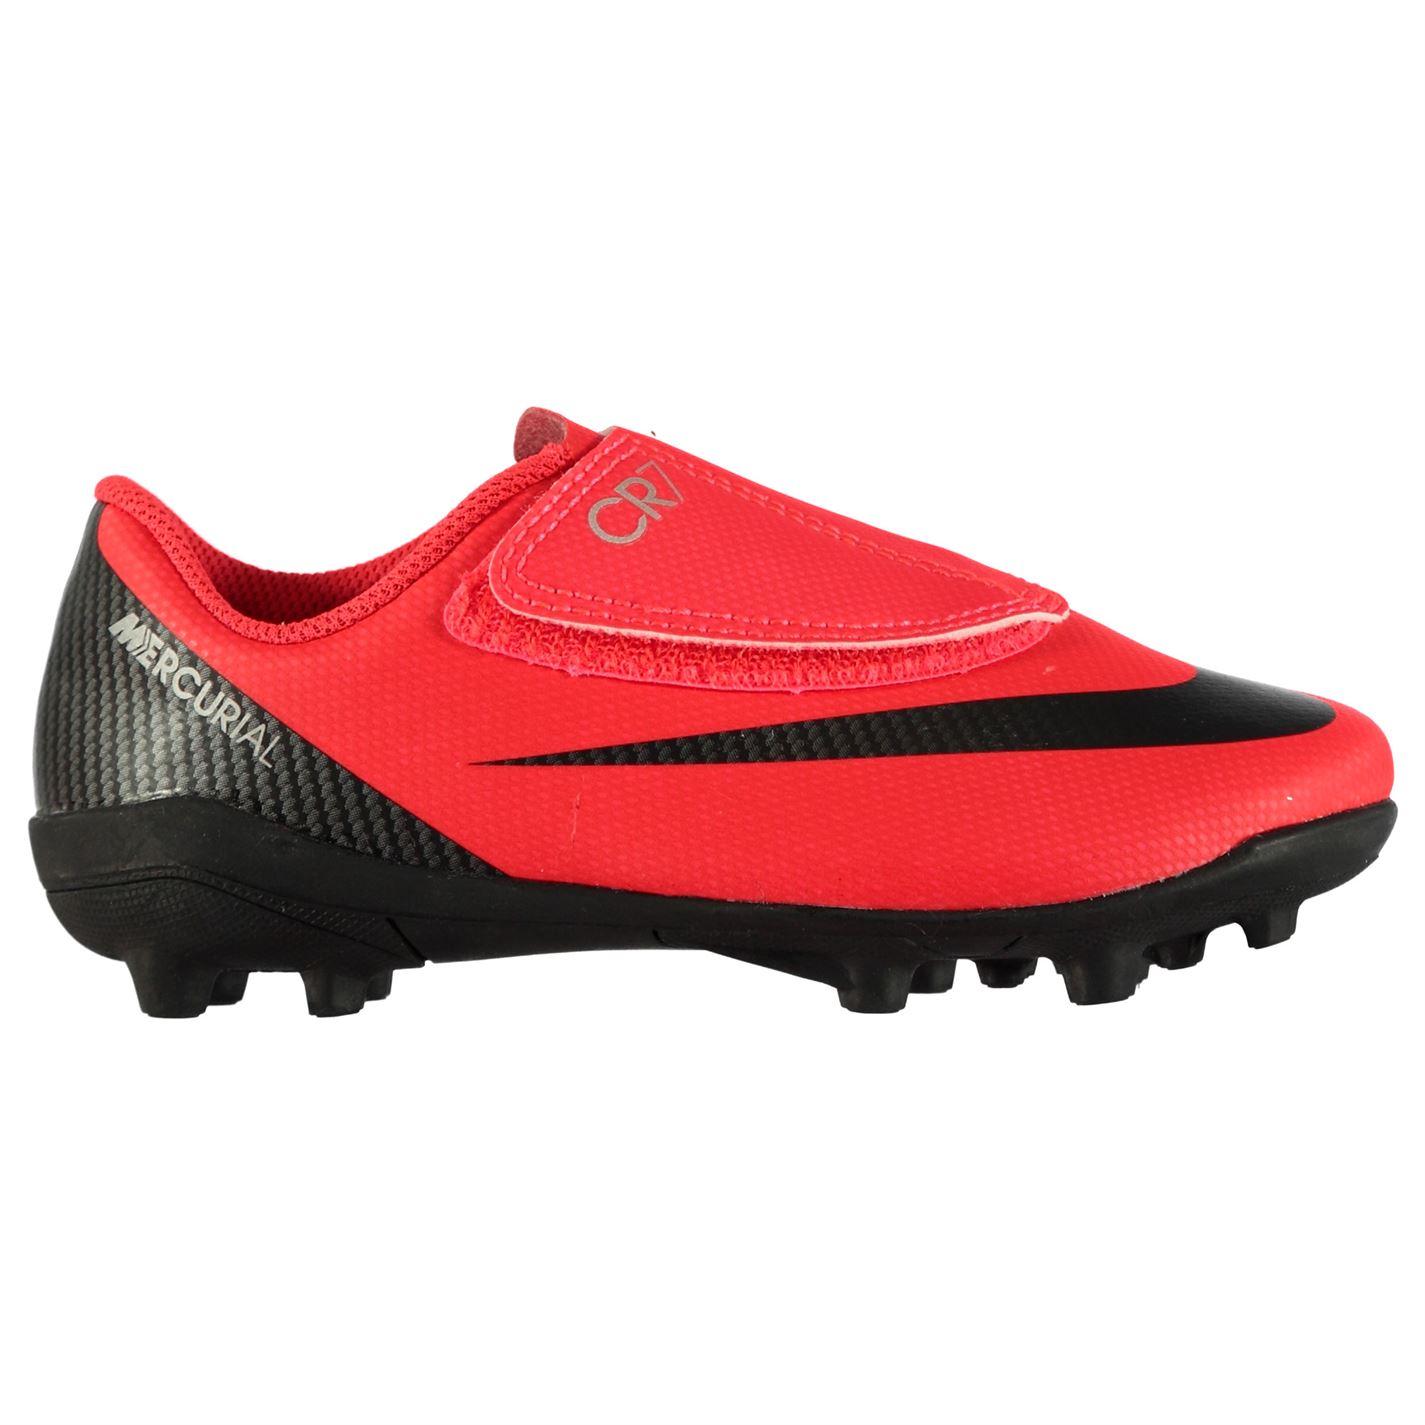 kopačky Nike Mercurial Vapor Club CR7 dětské FG